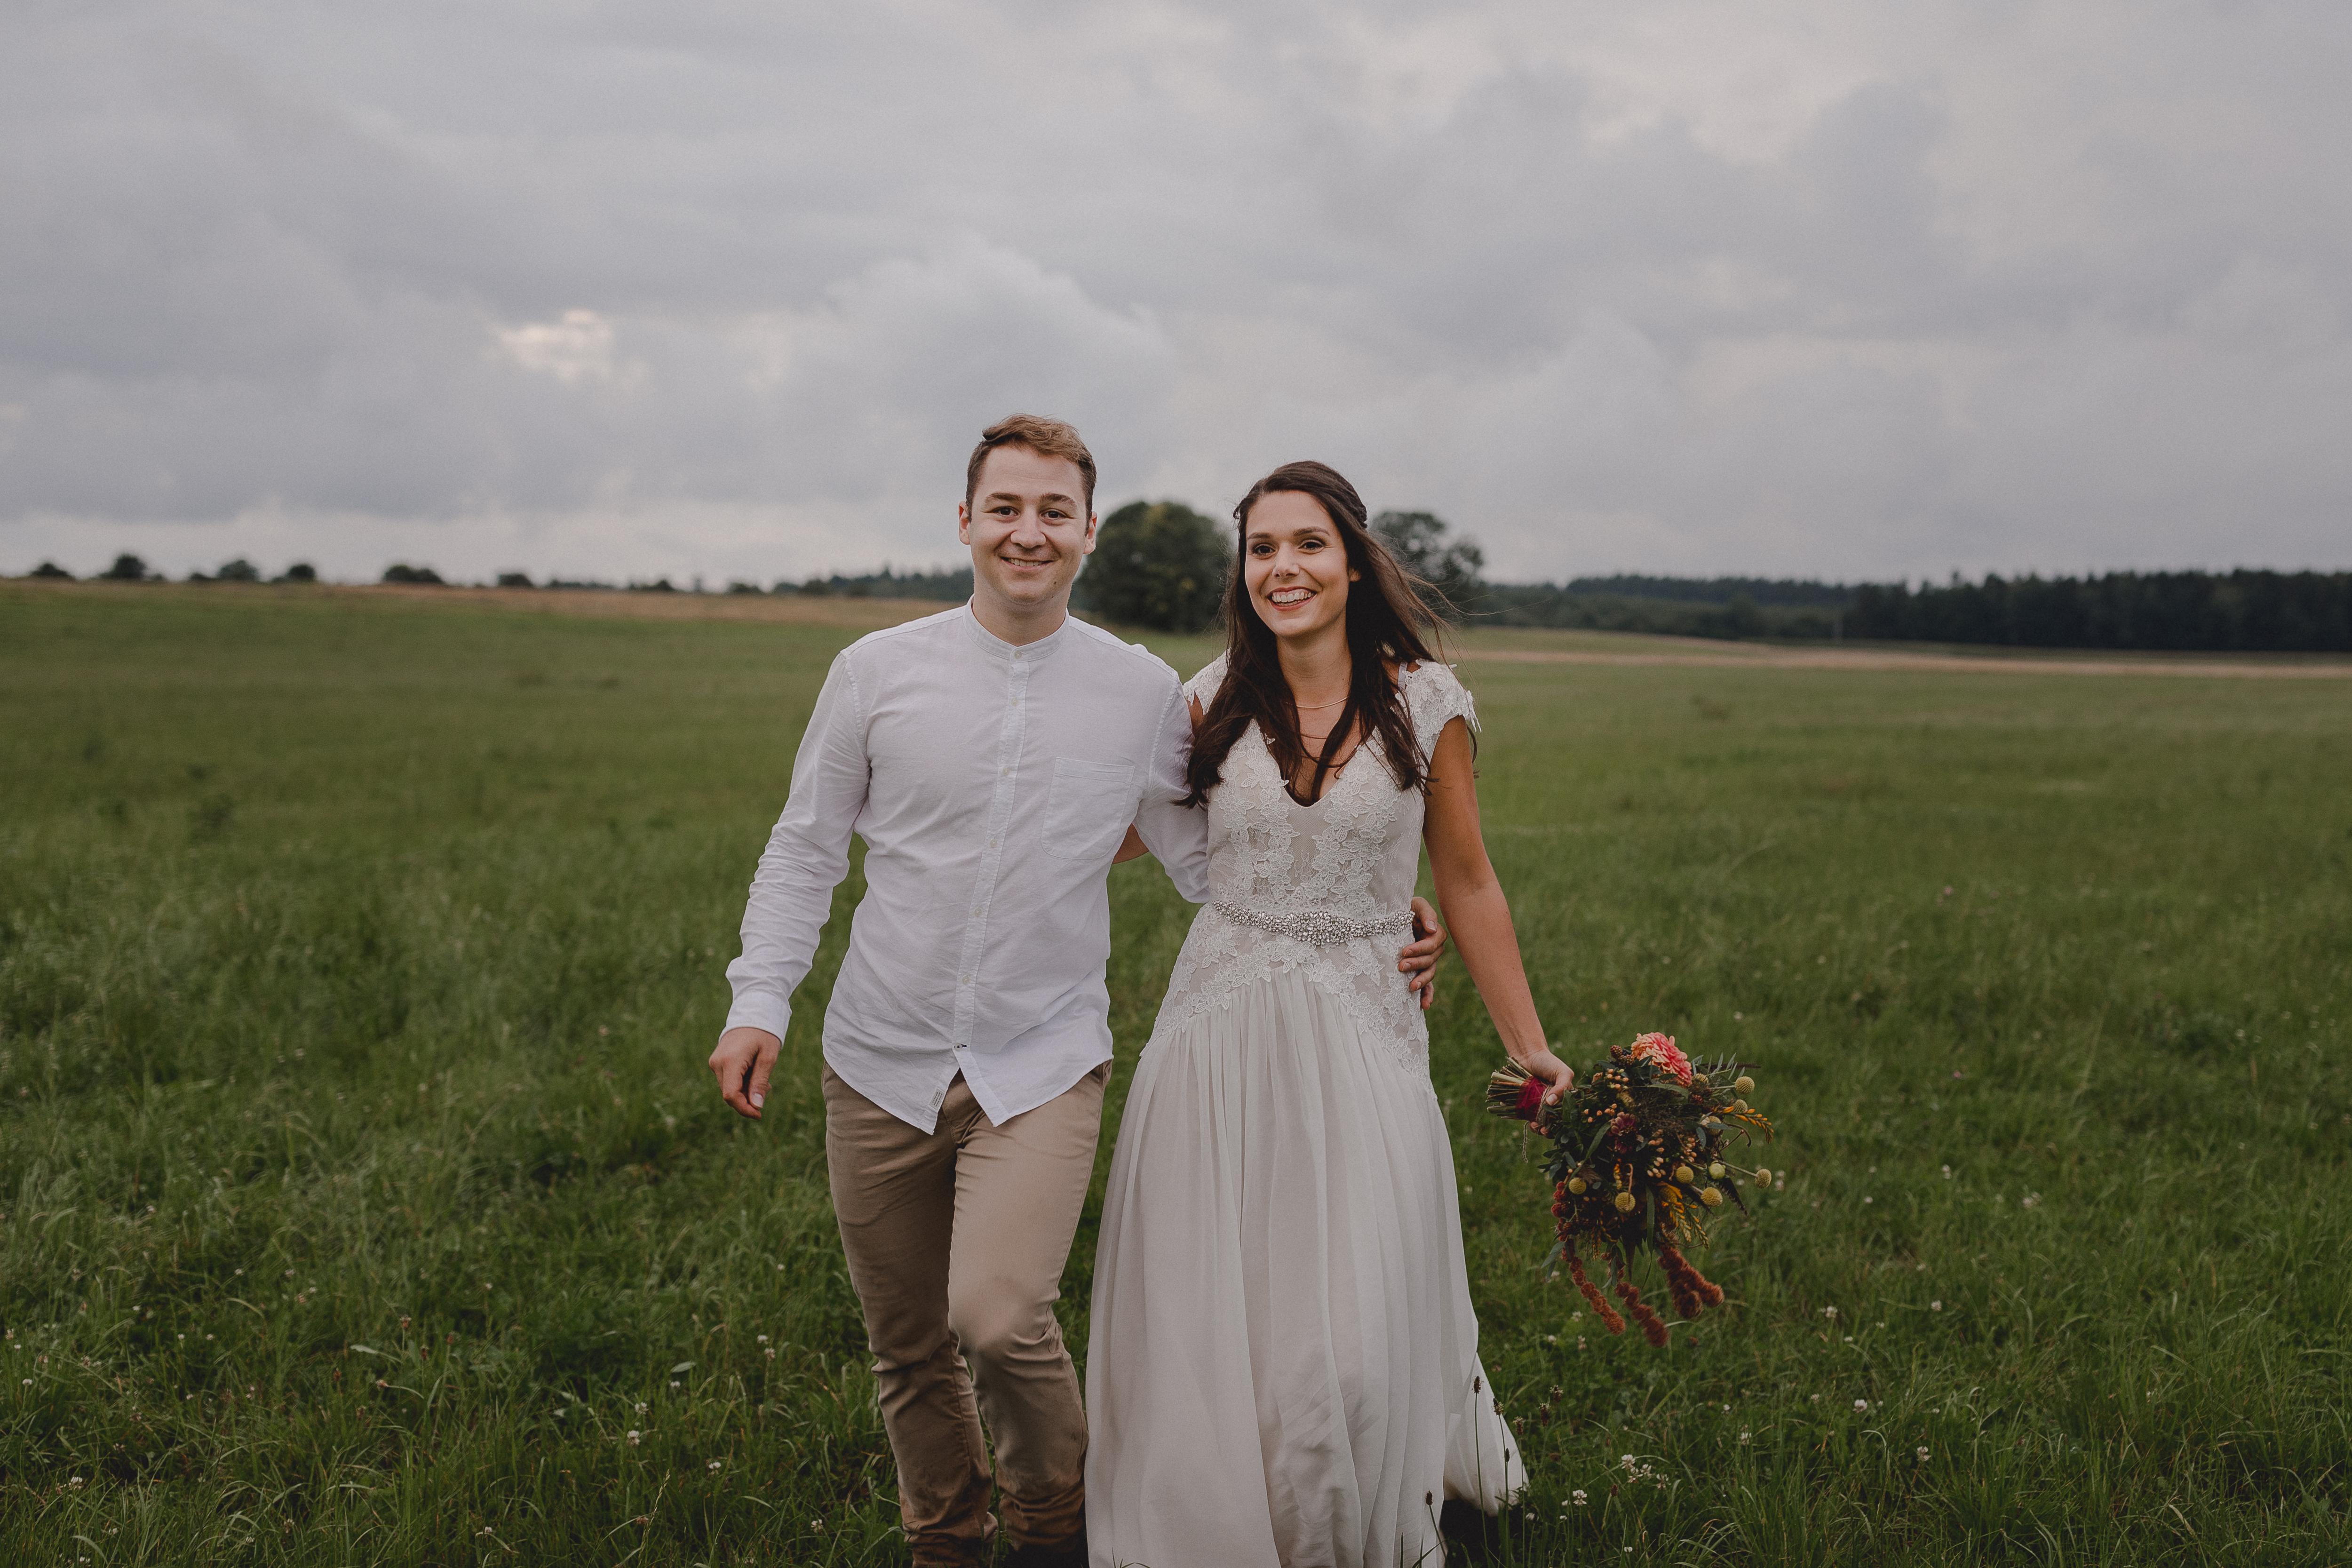 URBANERIE_Daniela_Goth_Vintage_Hochzeitsfotografin_Nuernberg_Fuerth_Erlangen_180721_0296